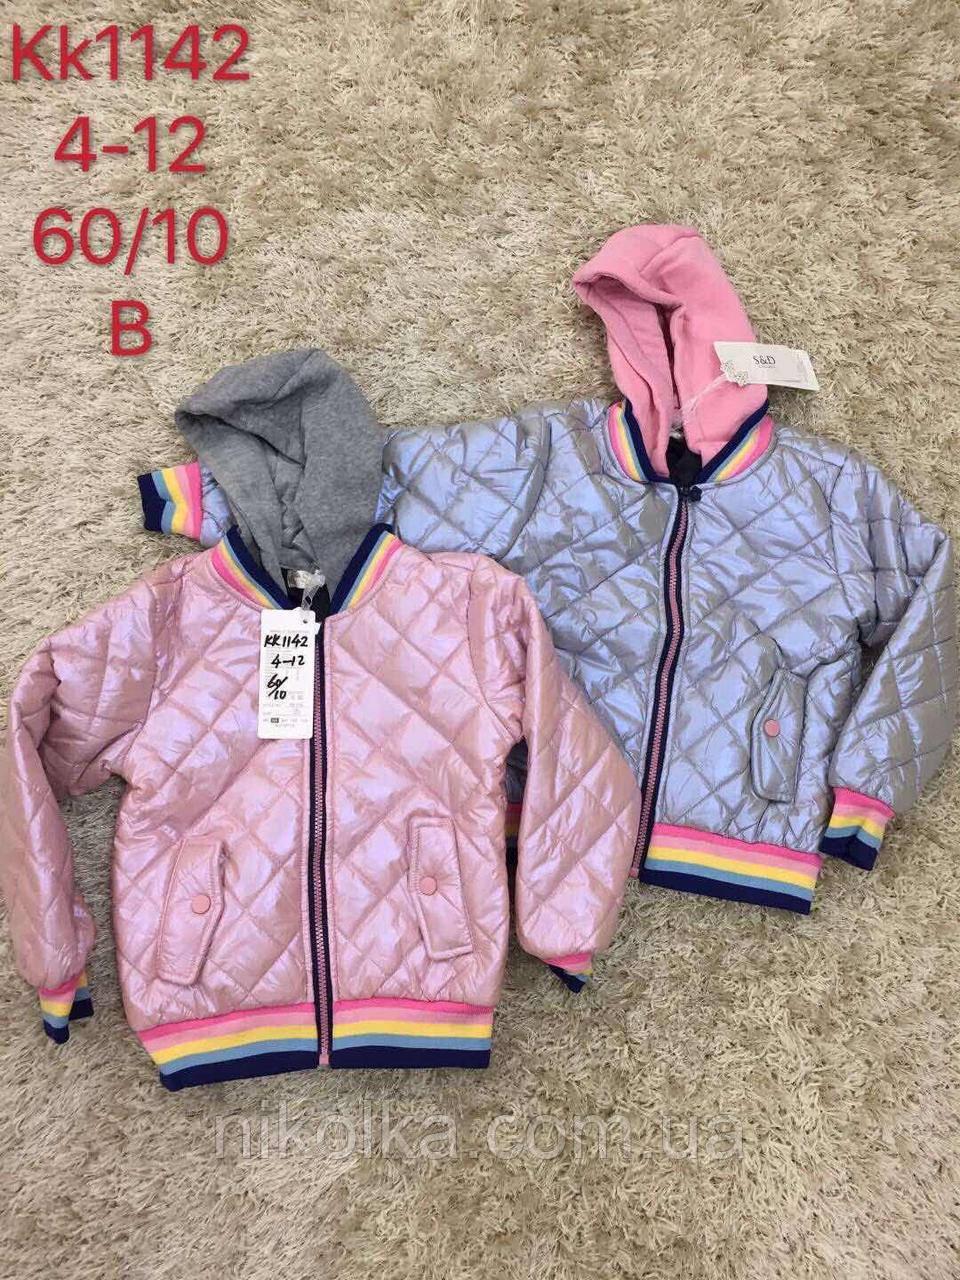 Куртка для девочек оптом, S&D, 4-12 лет, арт. KK-1142